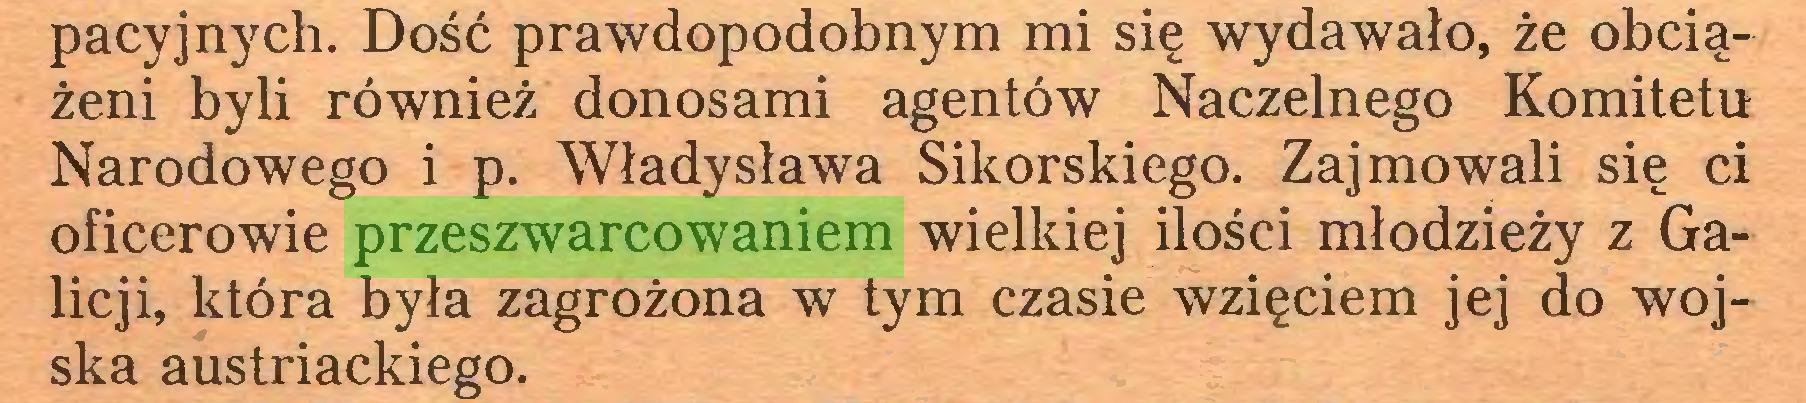 (...) pacyjnych. Dość prawdopodobnym mi się wydawało, że obciążeni byli również donosami agentów Naczelnego Komitetu Narodowego i p. Władysława Sikorskiego. Zajmowali się ci oficerowie przeszwarcowaniem wielkiej ilości młodzieży z Galicji, która była zagrożona w tym czasie wzięciem jej do wojska austriackiego...